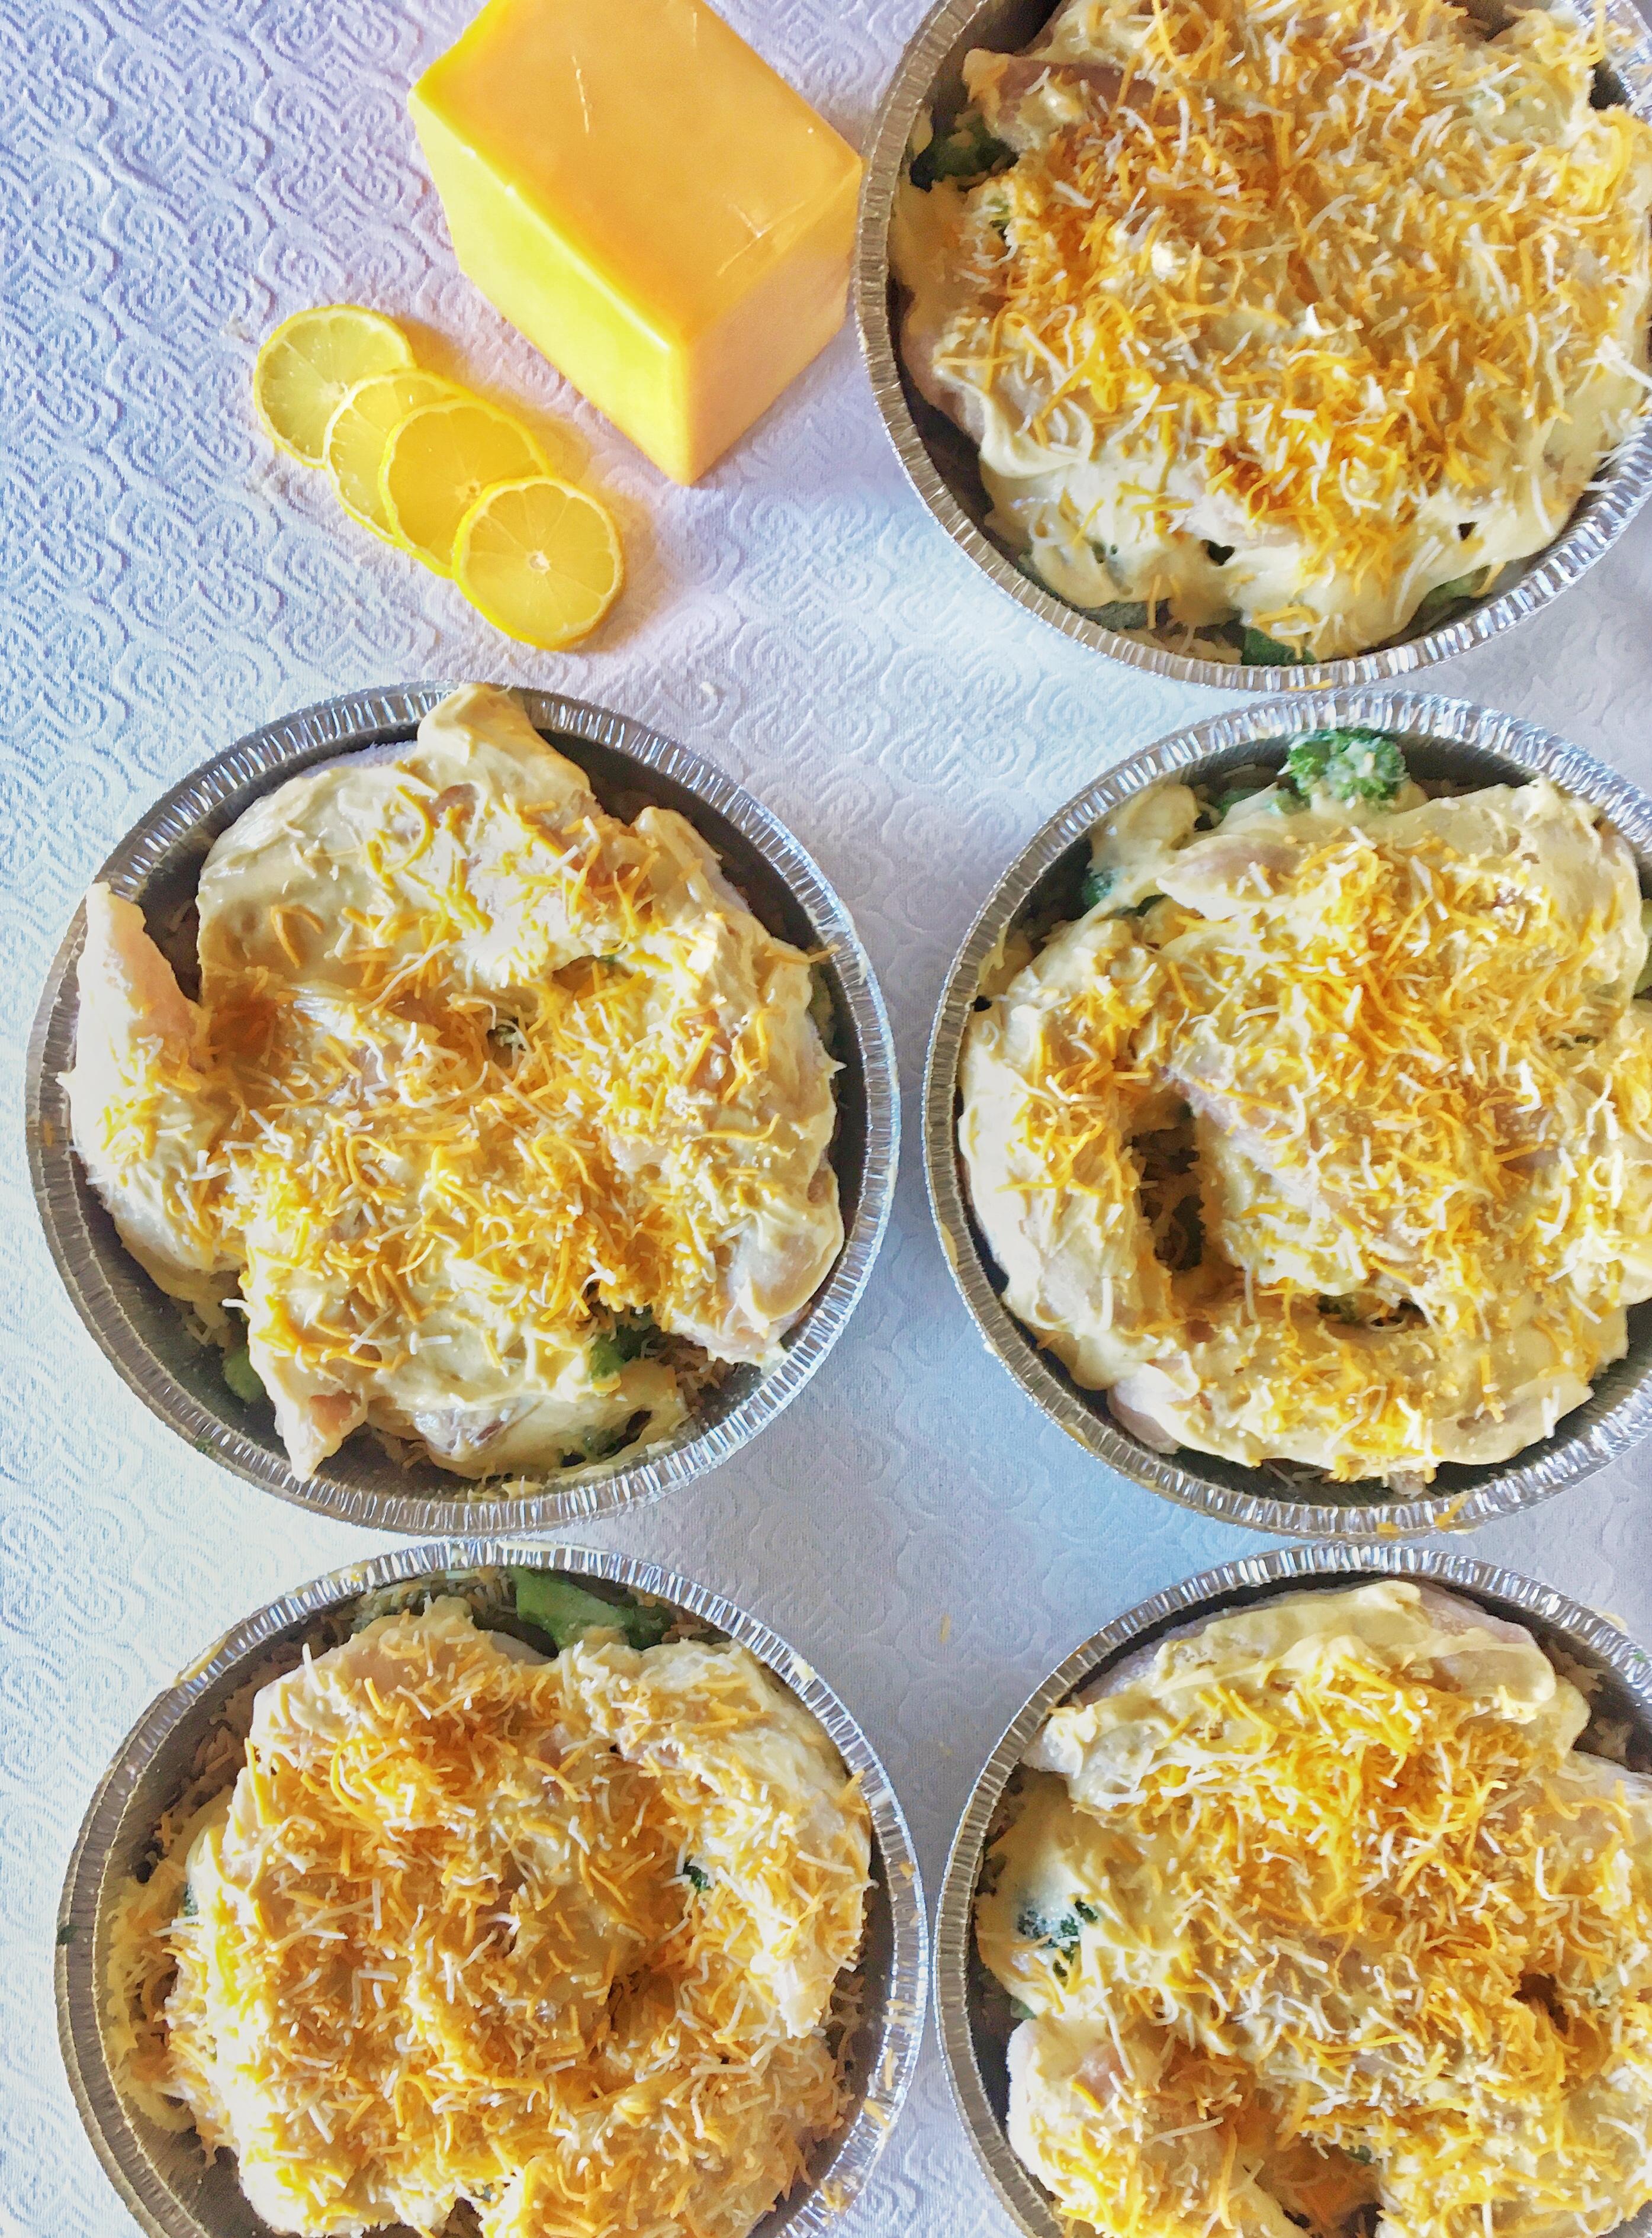 Chicken Broccoli Bake in 7 freezer pans